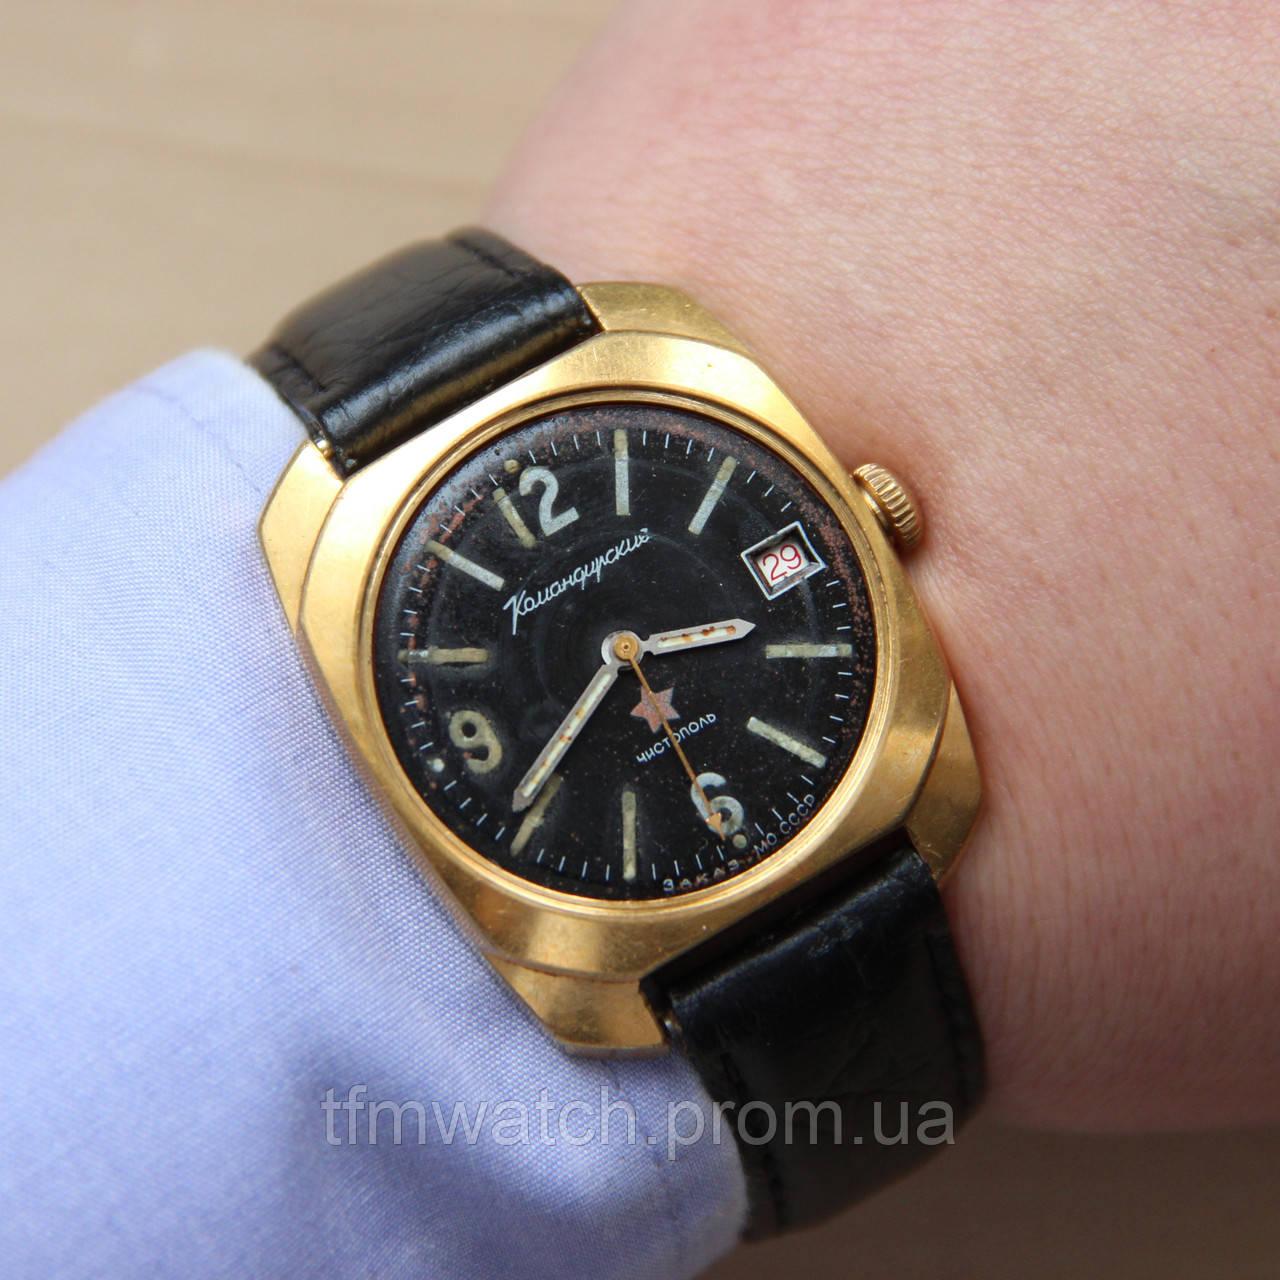 Командирские Чистополь механические часы СССР   продажа, цена в ... 55970cdf85f